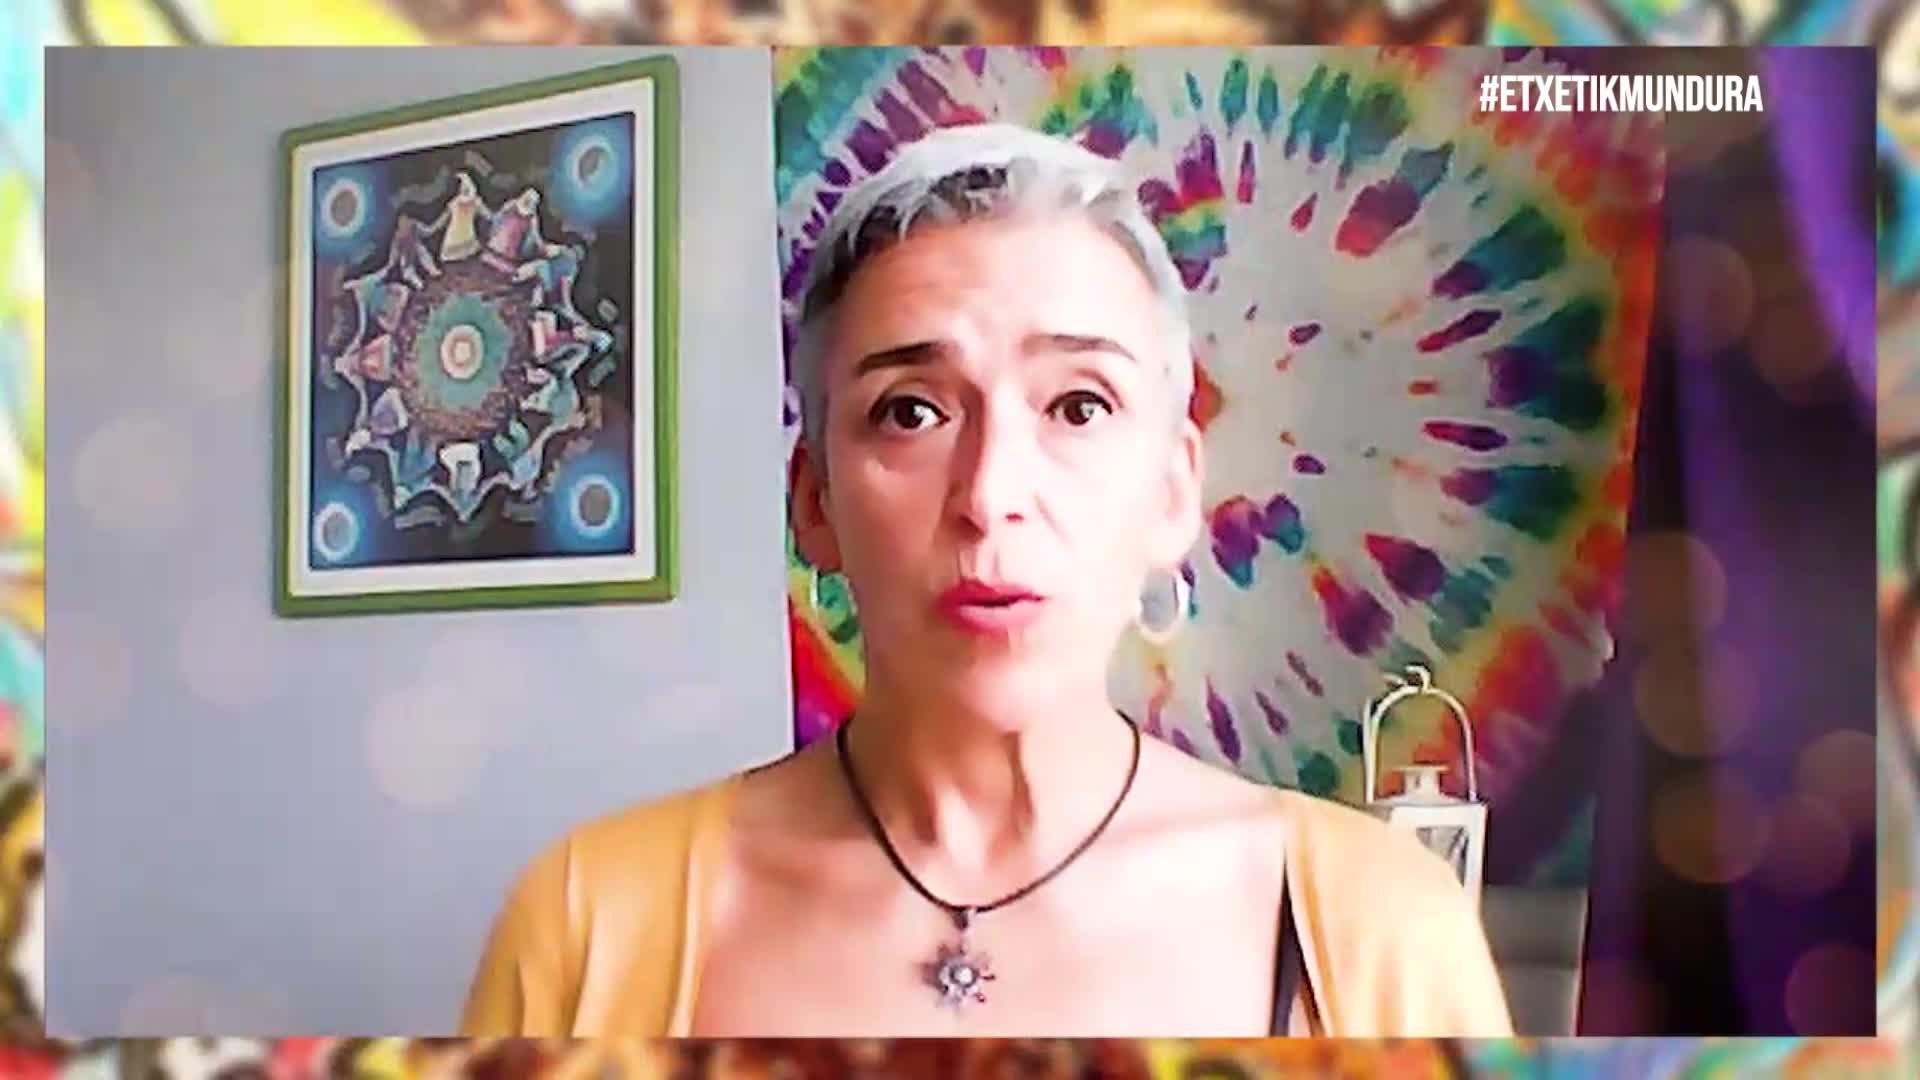 Miriam Mendozaren ipuina, etxetik mundura